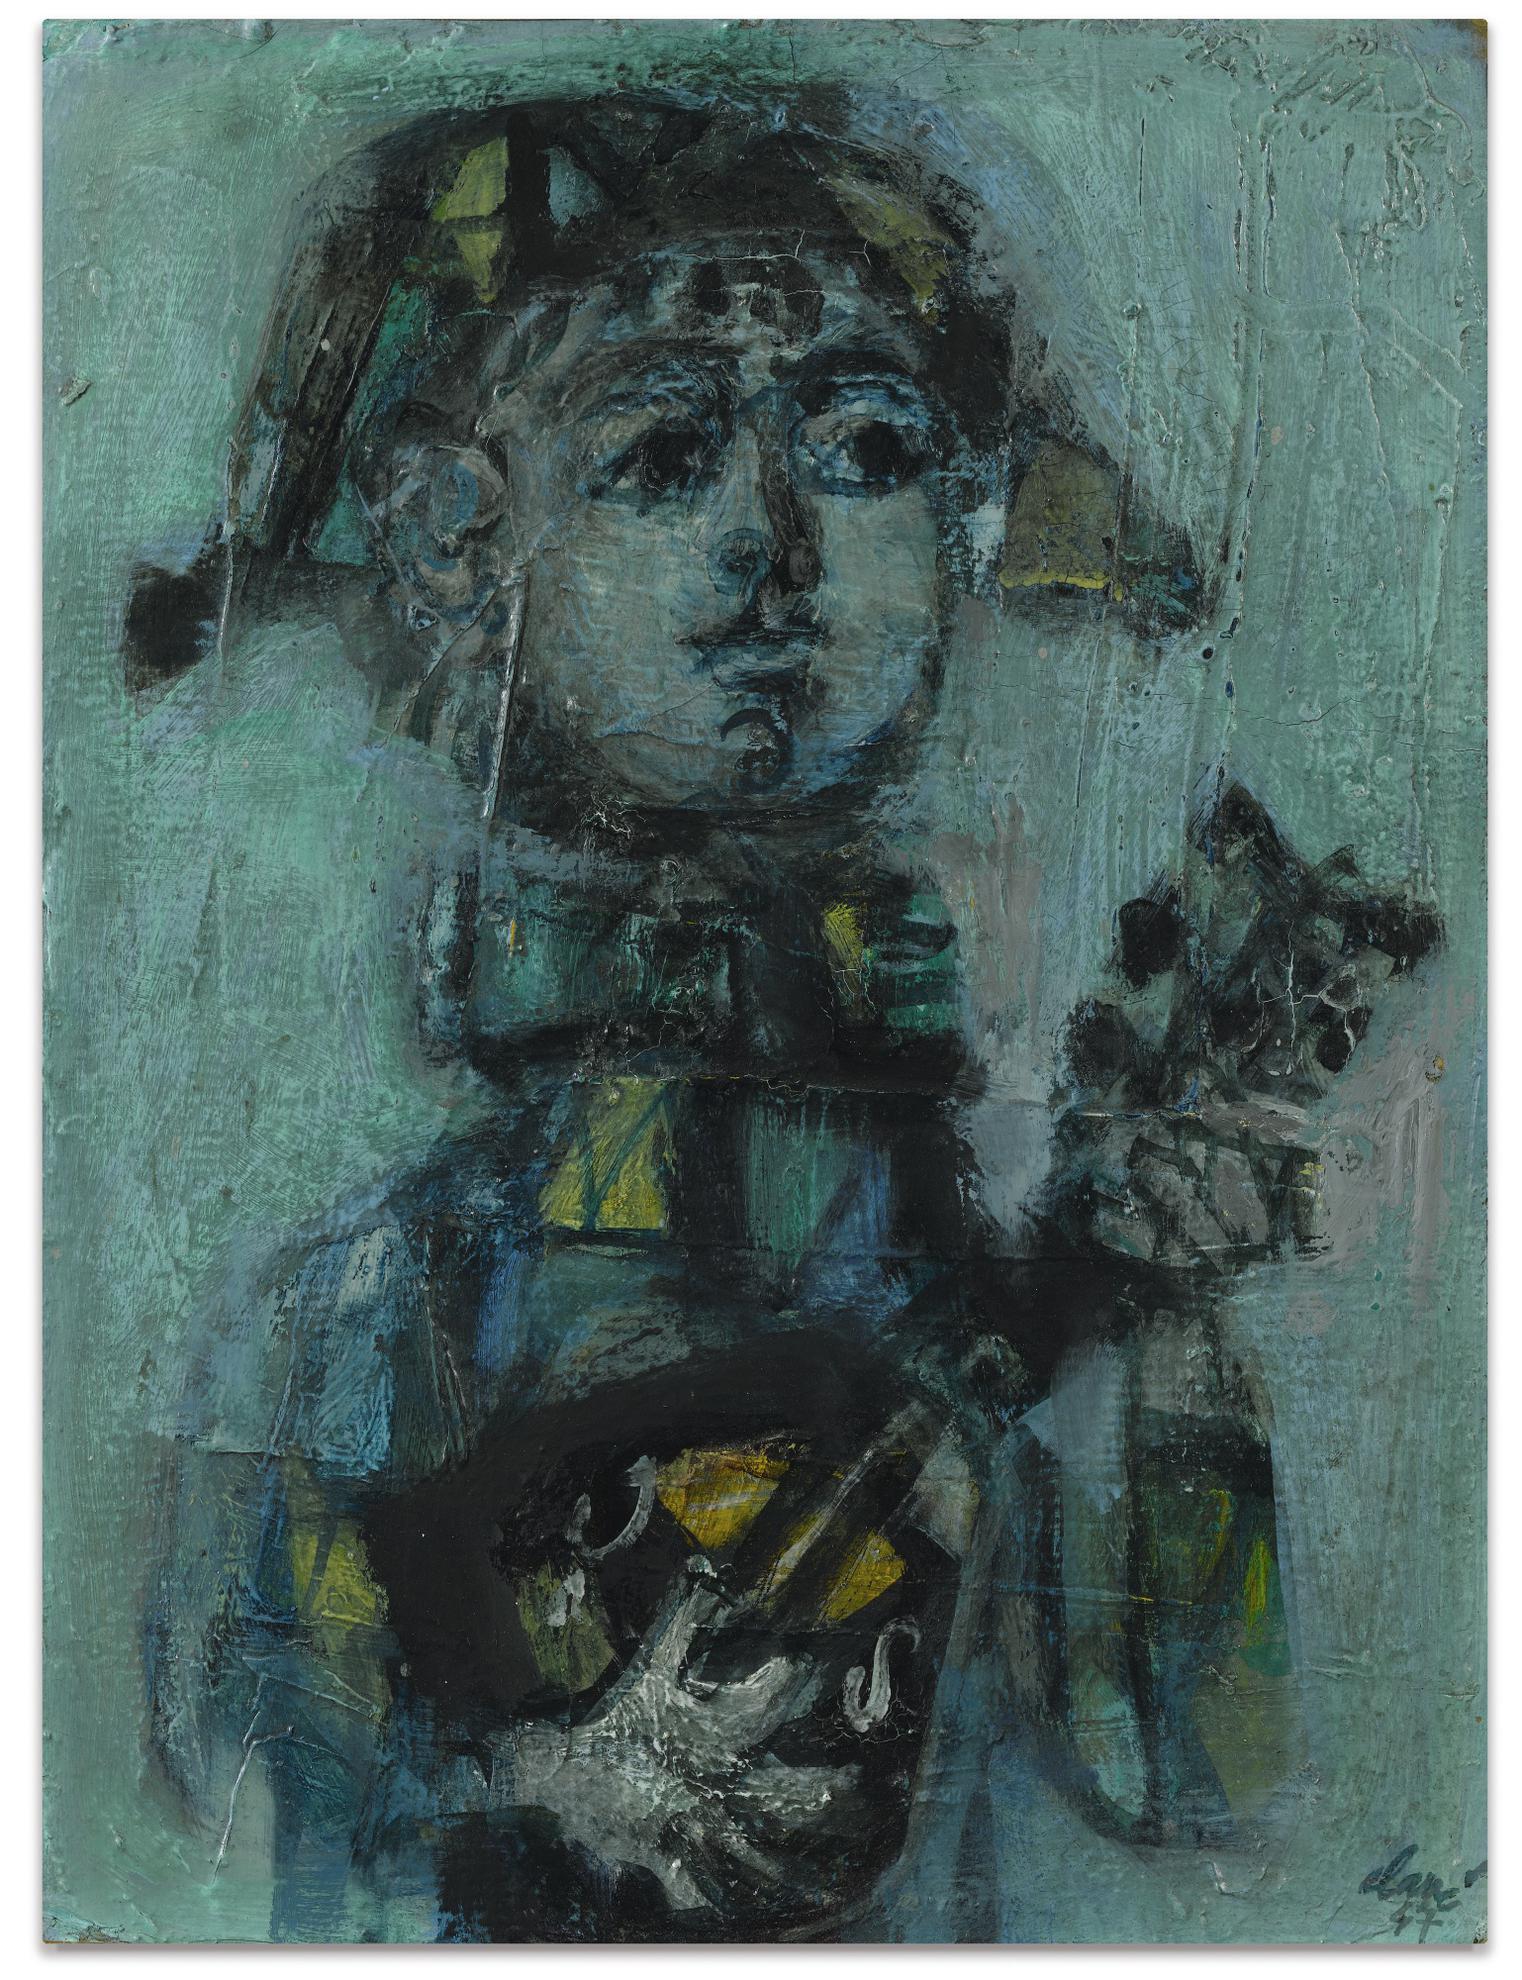 Antoni Clave-Arlequin-1947